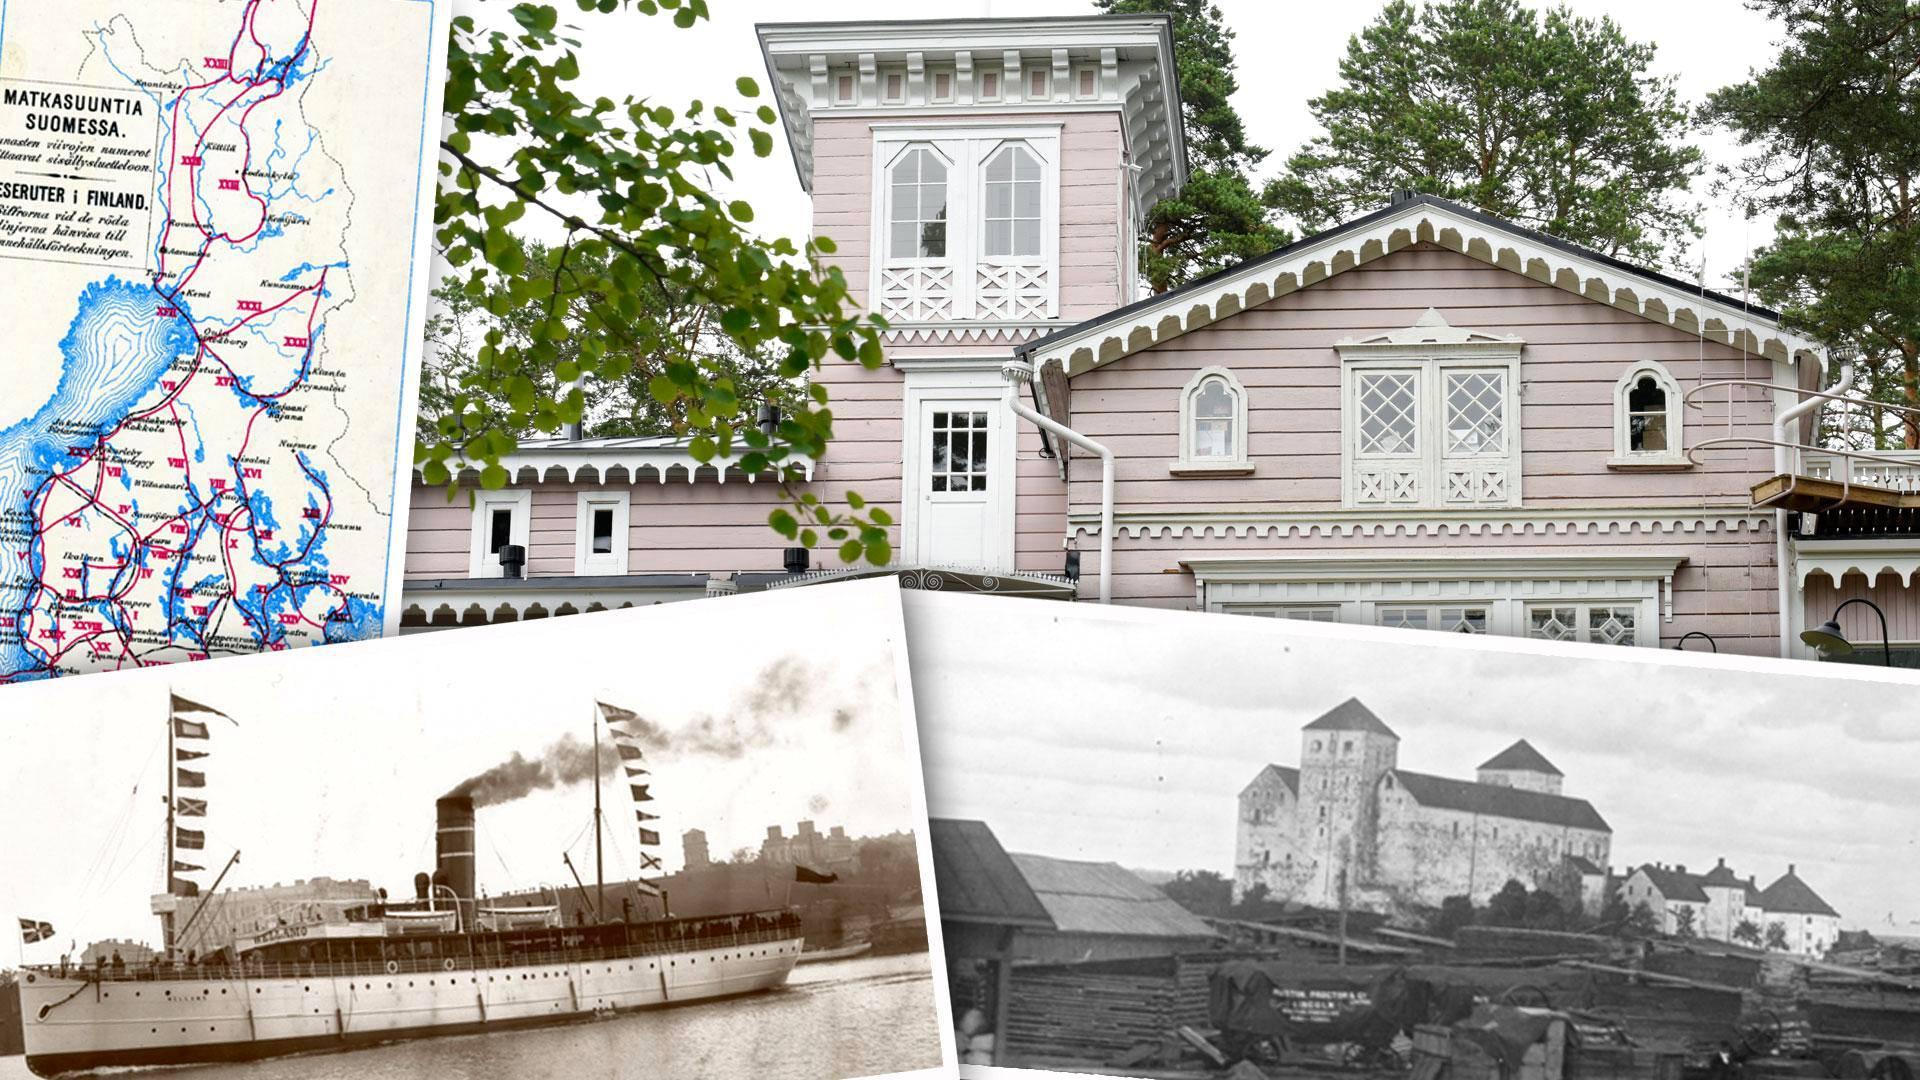 Itään ja länteen! 1800-luvun matkailuopas teki kotimaata suomalaisille tutuksi neuvomalla, missä pystyi matkailemaan matalalla budjetilla.